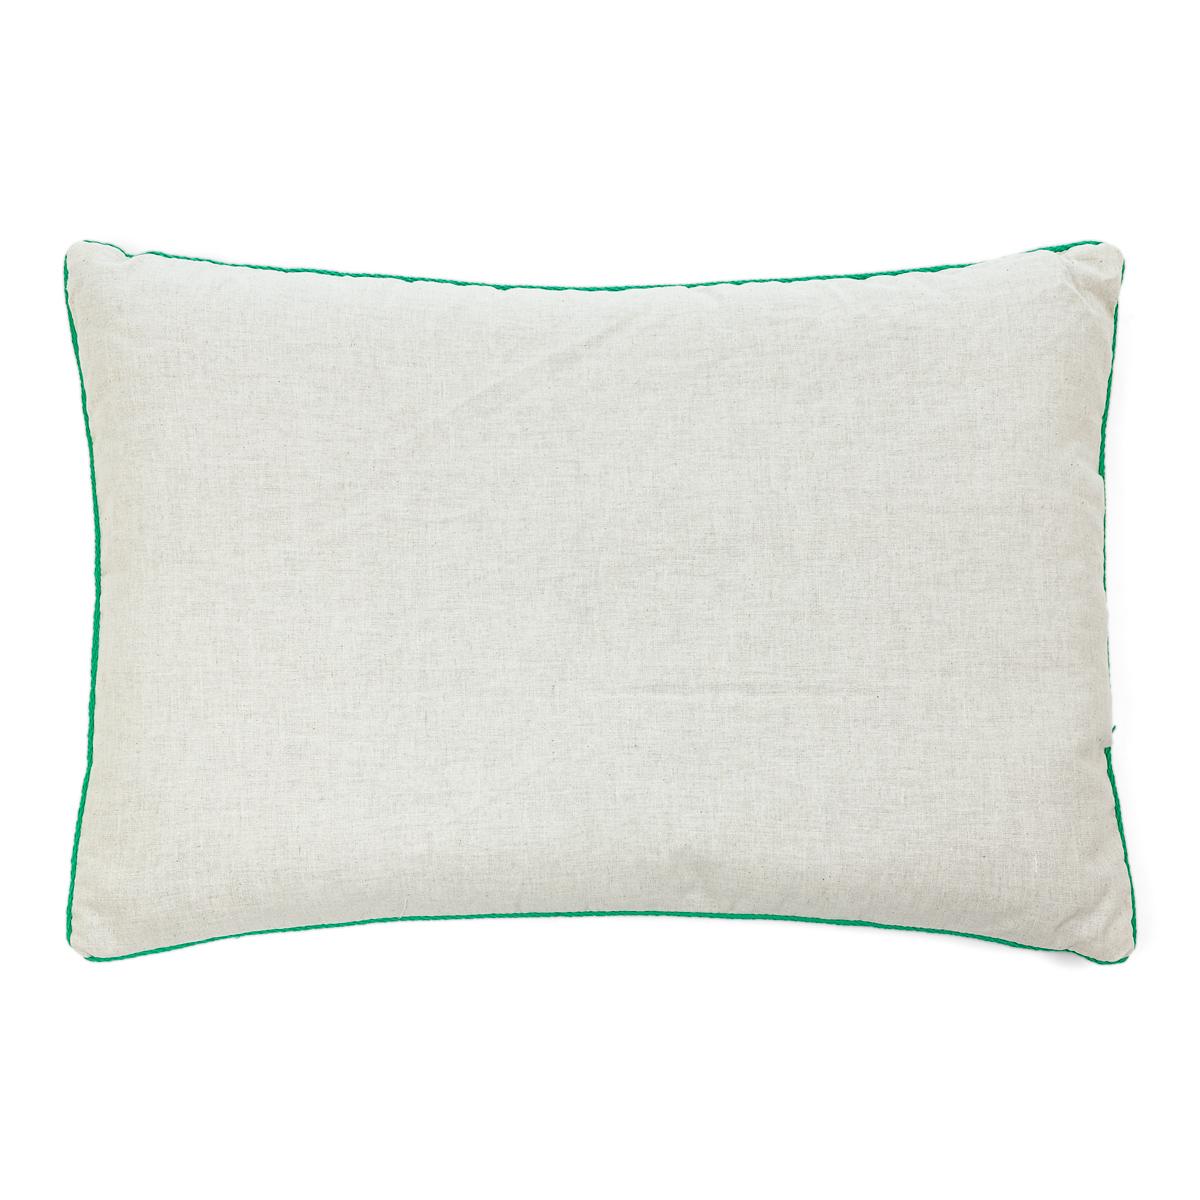 Подушка  Традиции здоровья Мелисса  р. 40х60 - Текстиль для дома артикул: 21176